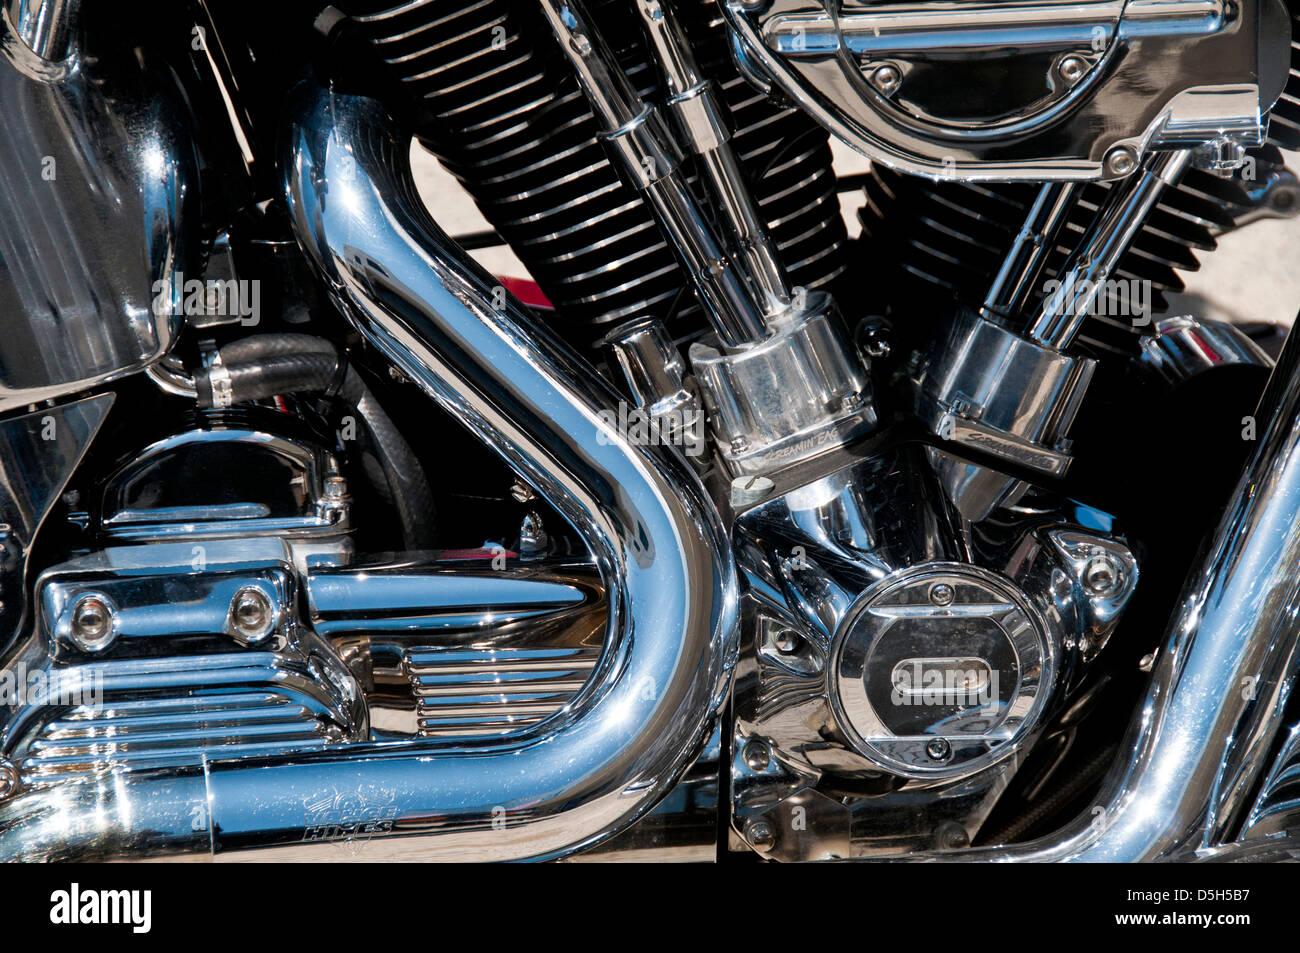 Harley-Davidson motorcycle engine detail - Stock Image